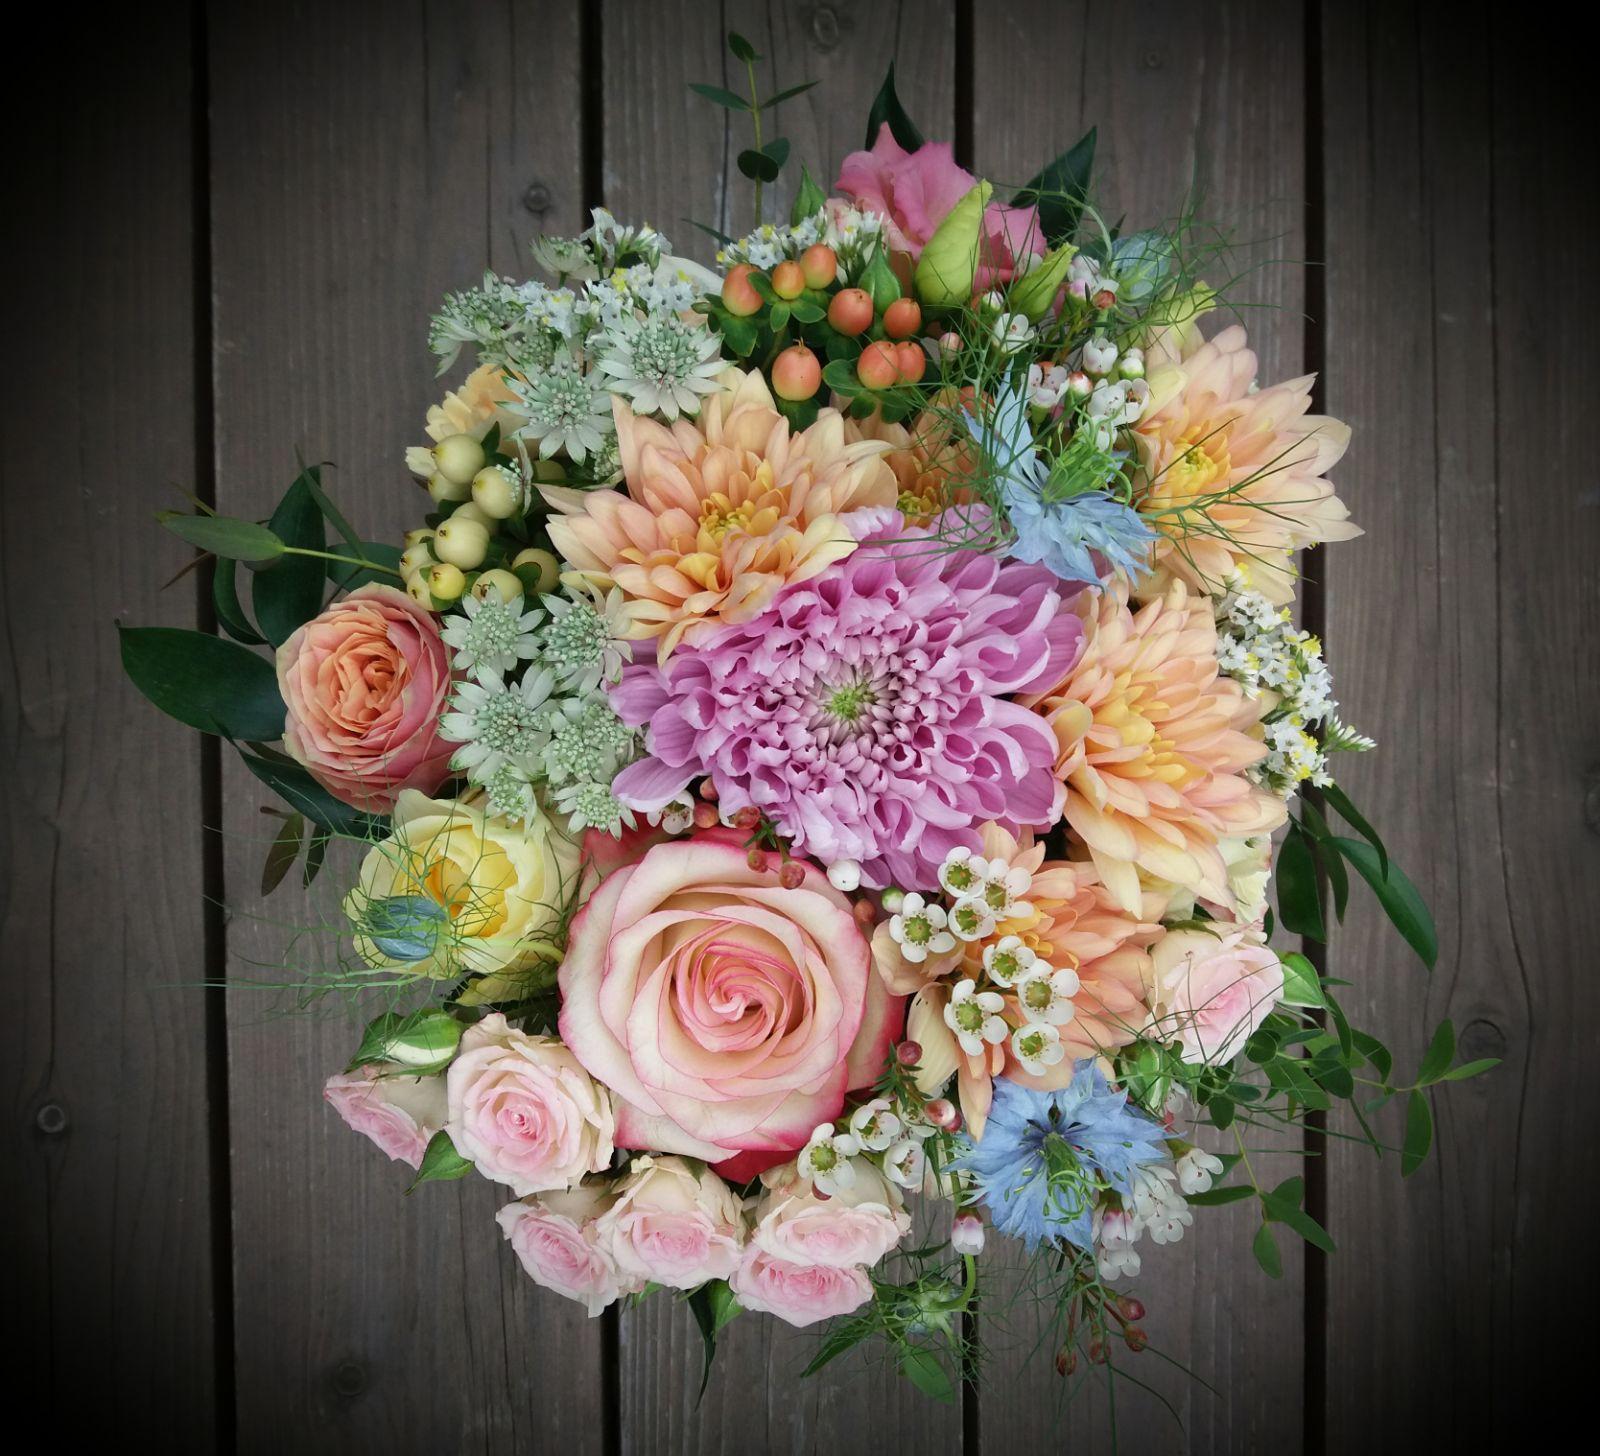 Květnová svatba plná barev! - Obrázek č. 1